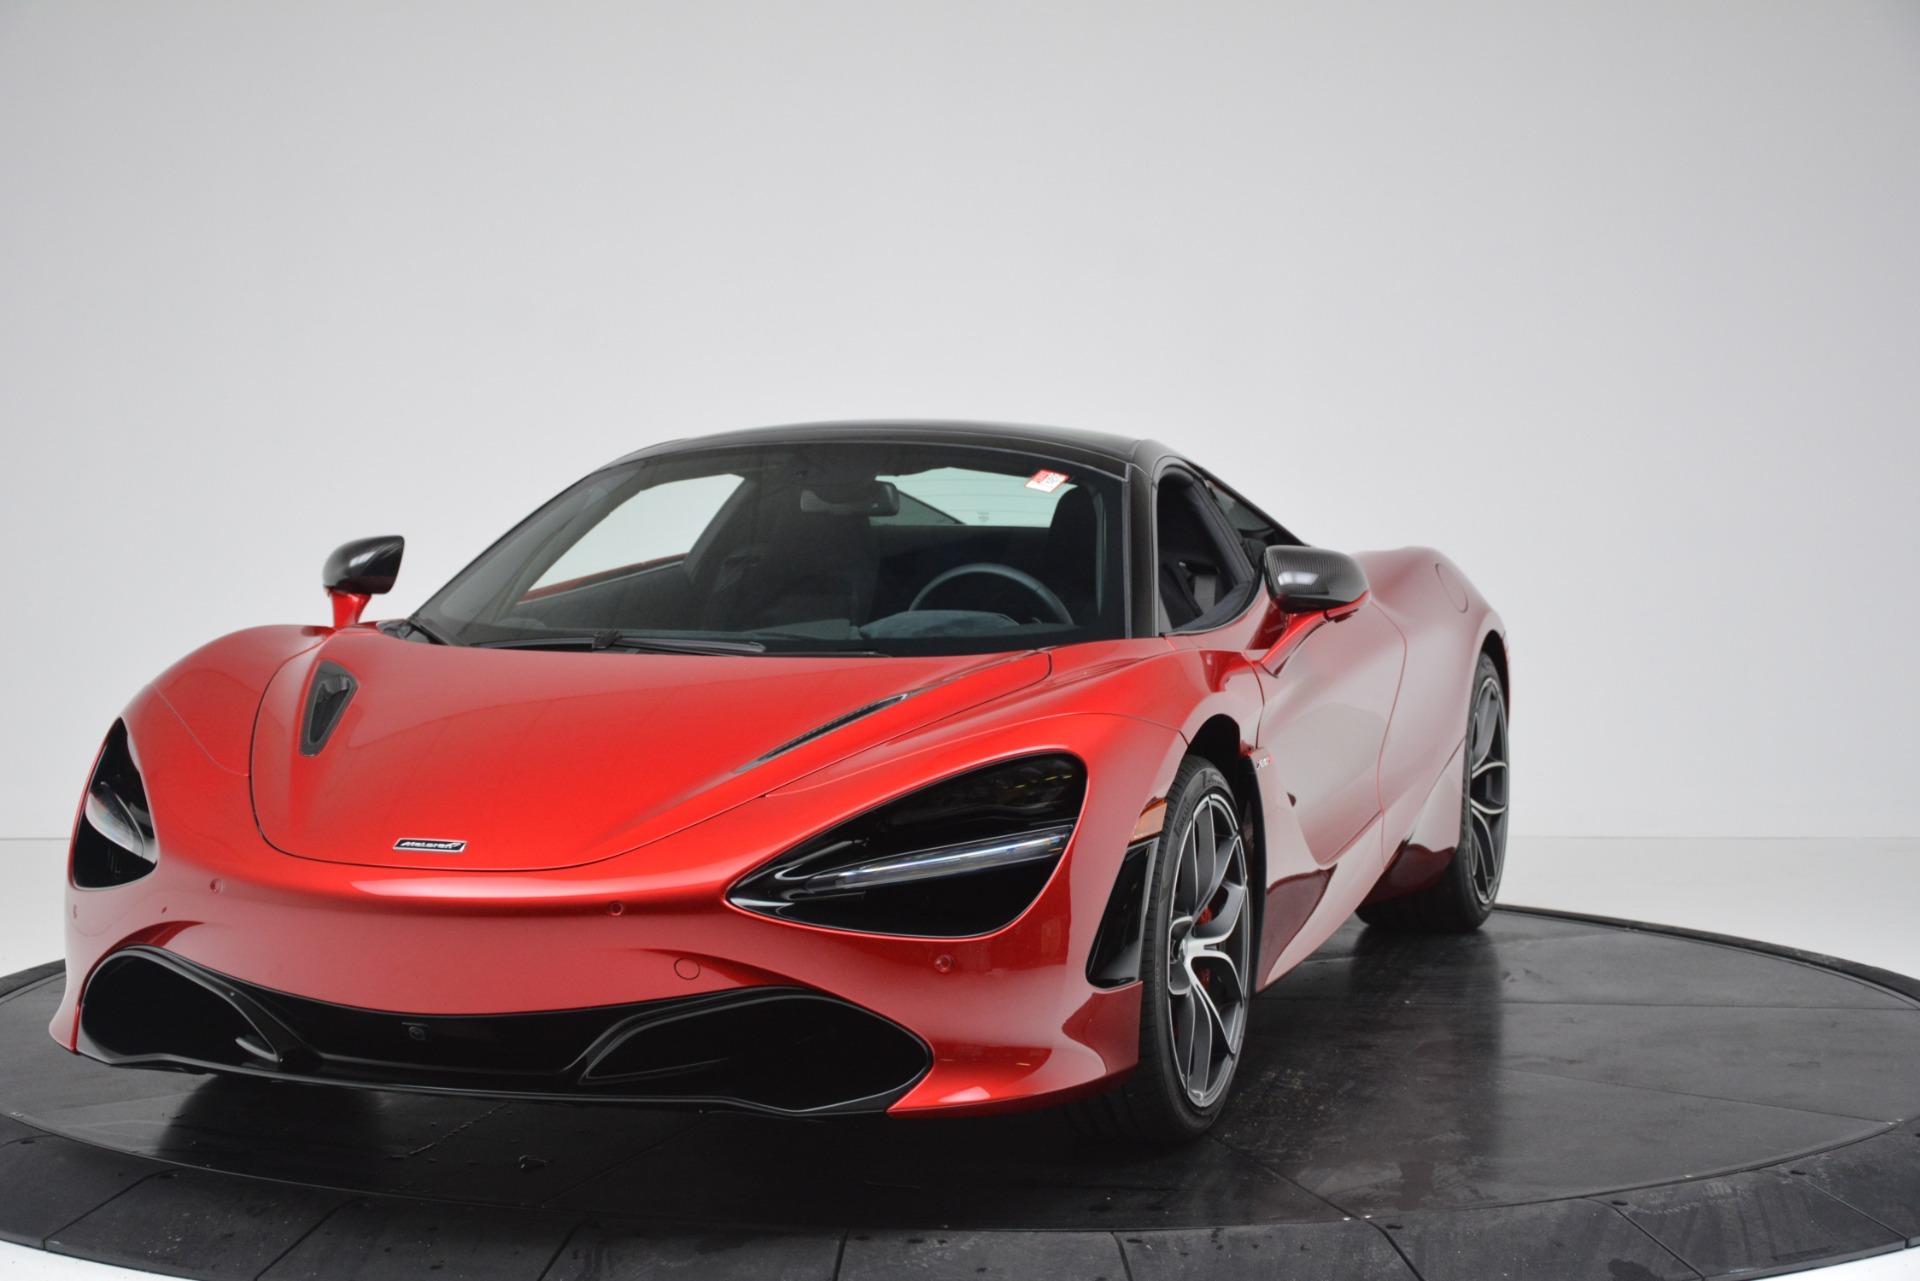 New 2020 McLaren 720S Spider Convertible For Sale In Westport, CT 3320_p3